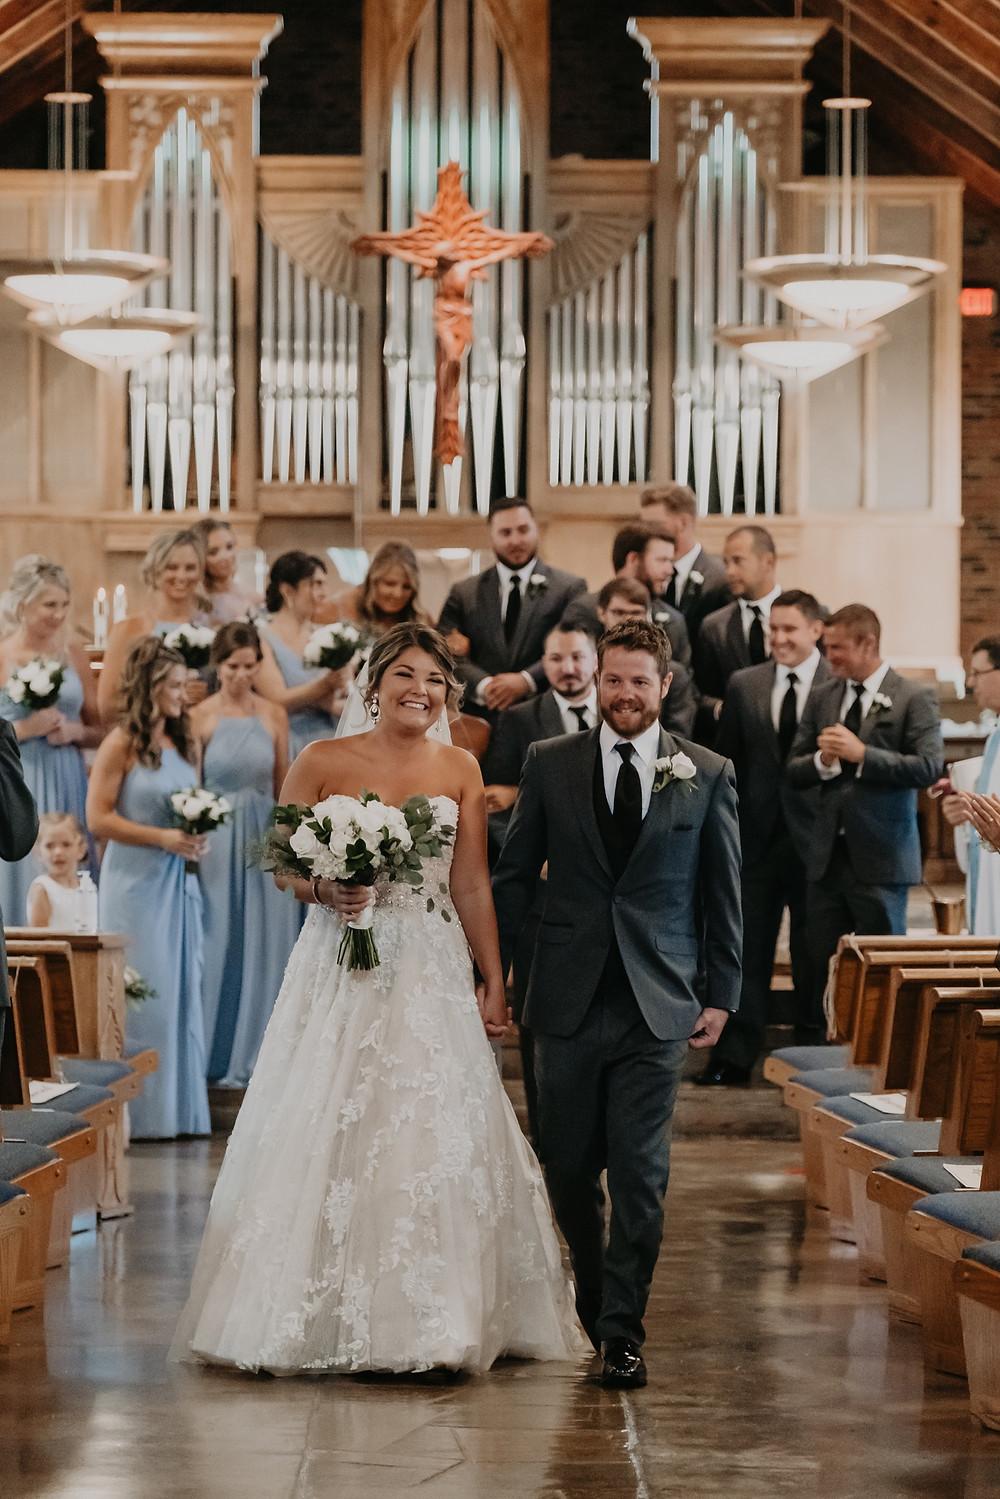 St. Josephs Catholic Church Metro Detroit wedding ceremony. Photographed by Nicole Leanne Photography.